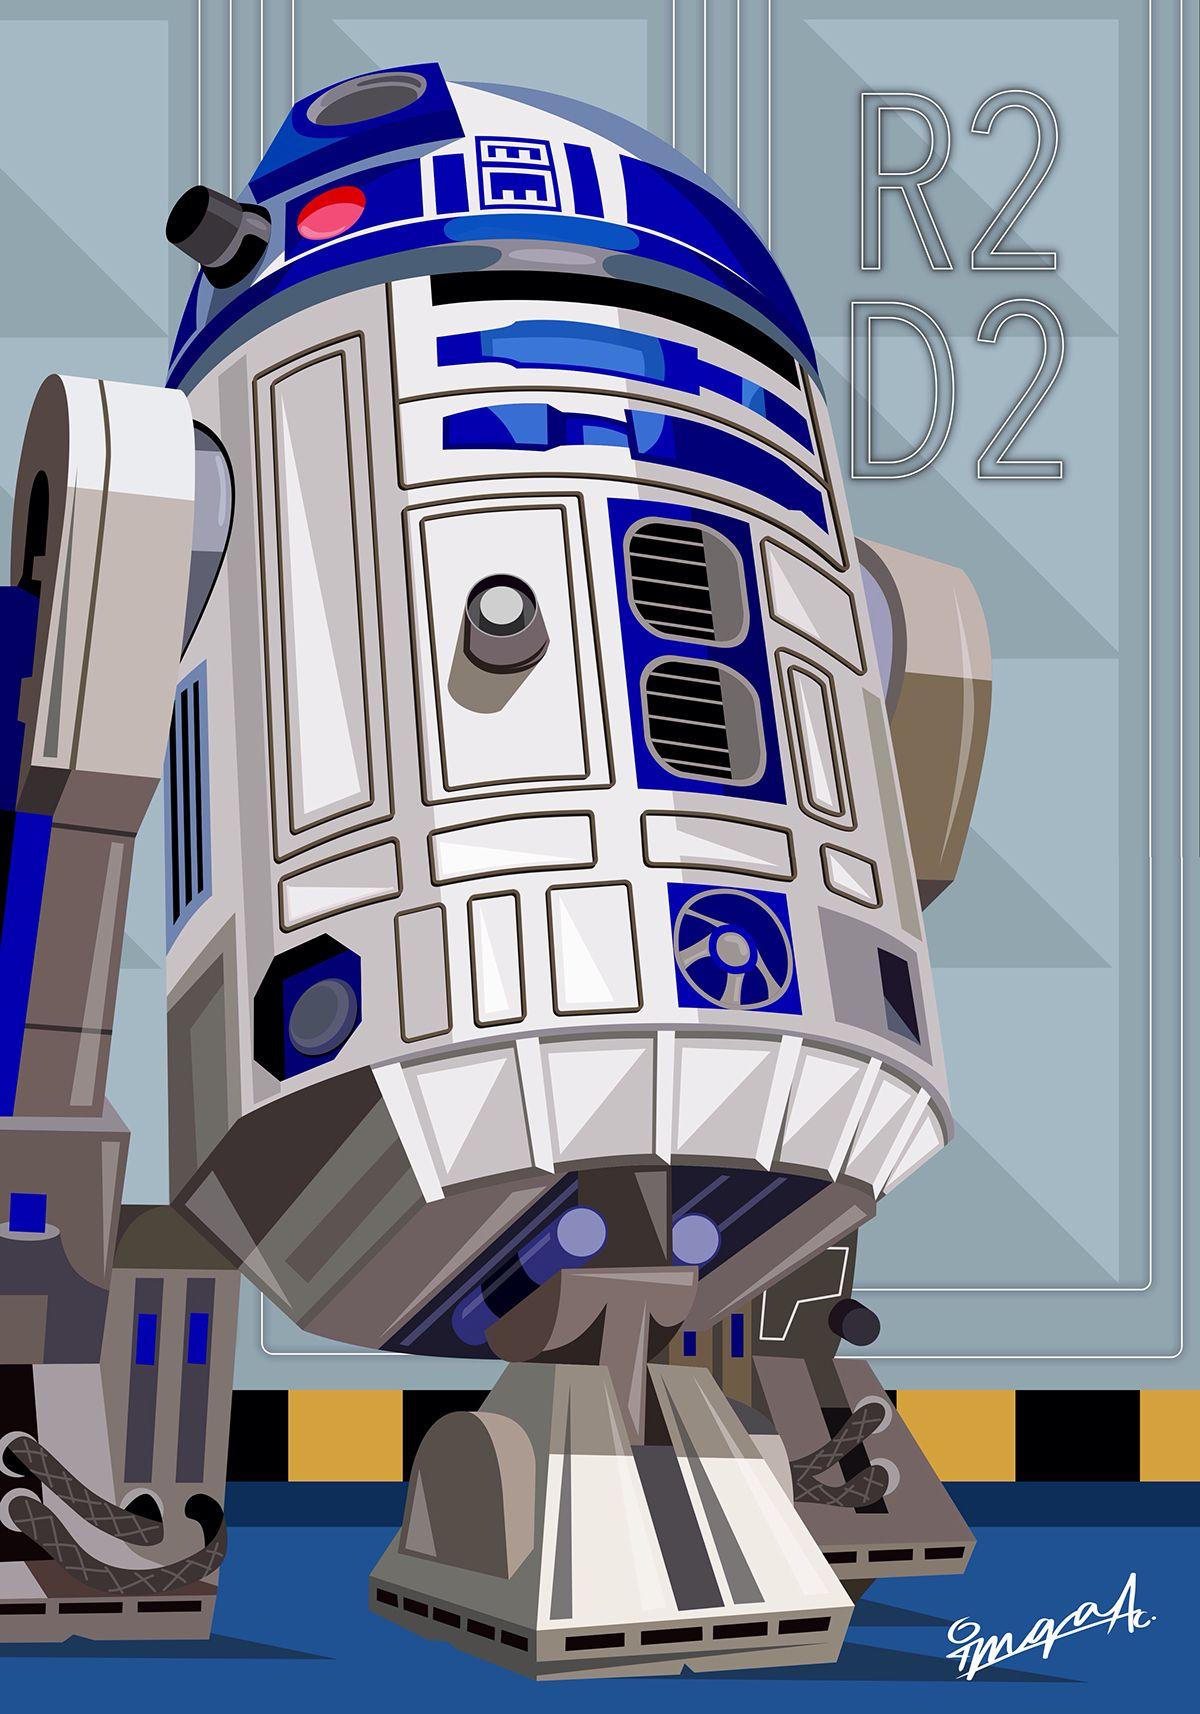 Star wars on Behance Star wars pictures, Star wars art